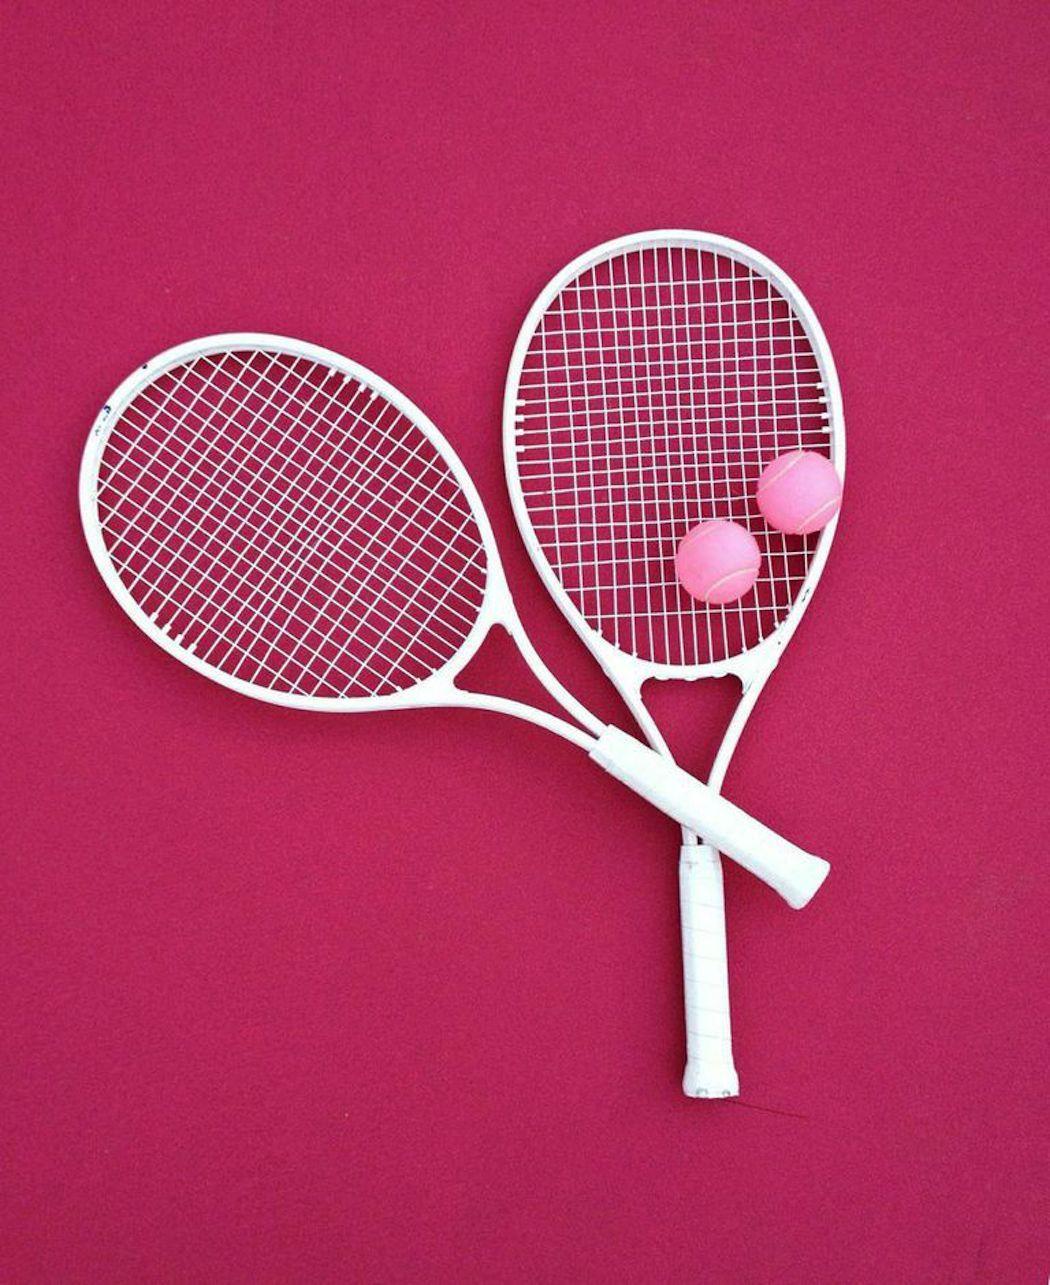 Darling Behind The Scenes Madonna Inn Tennis